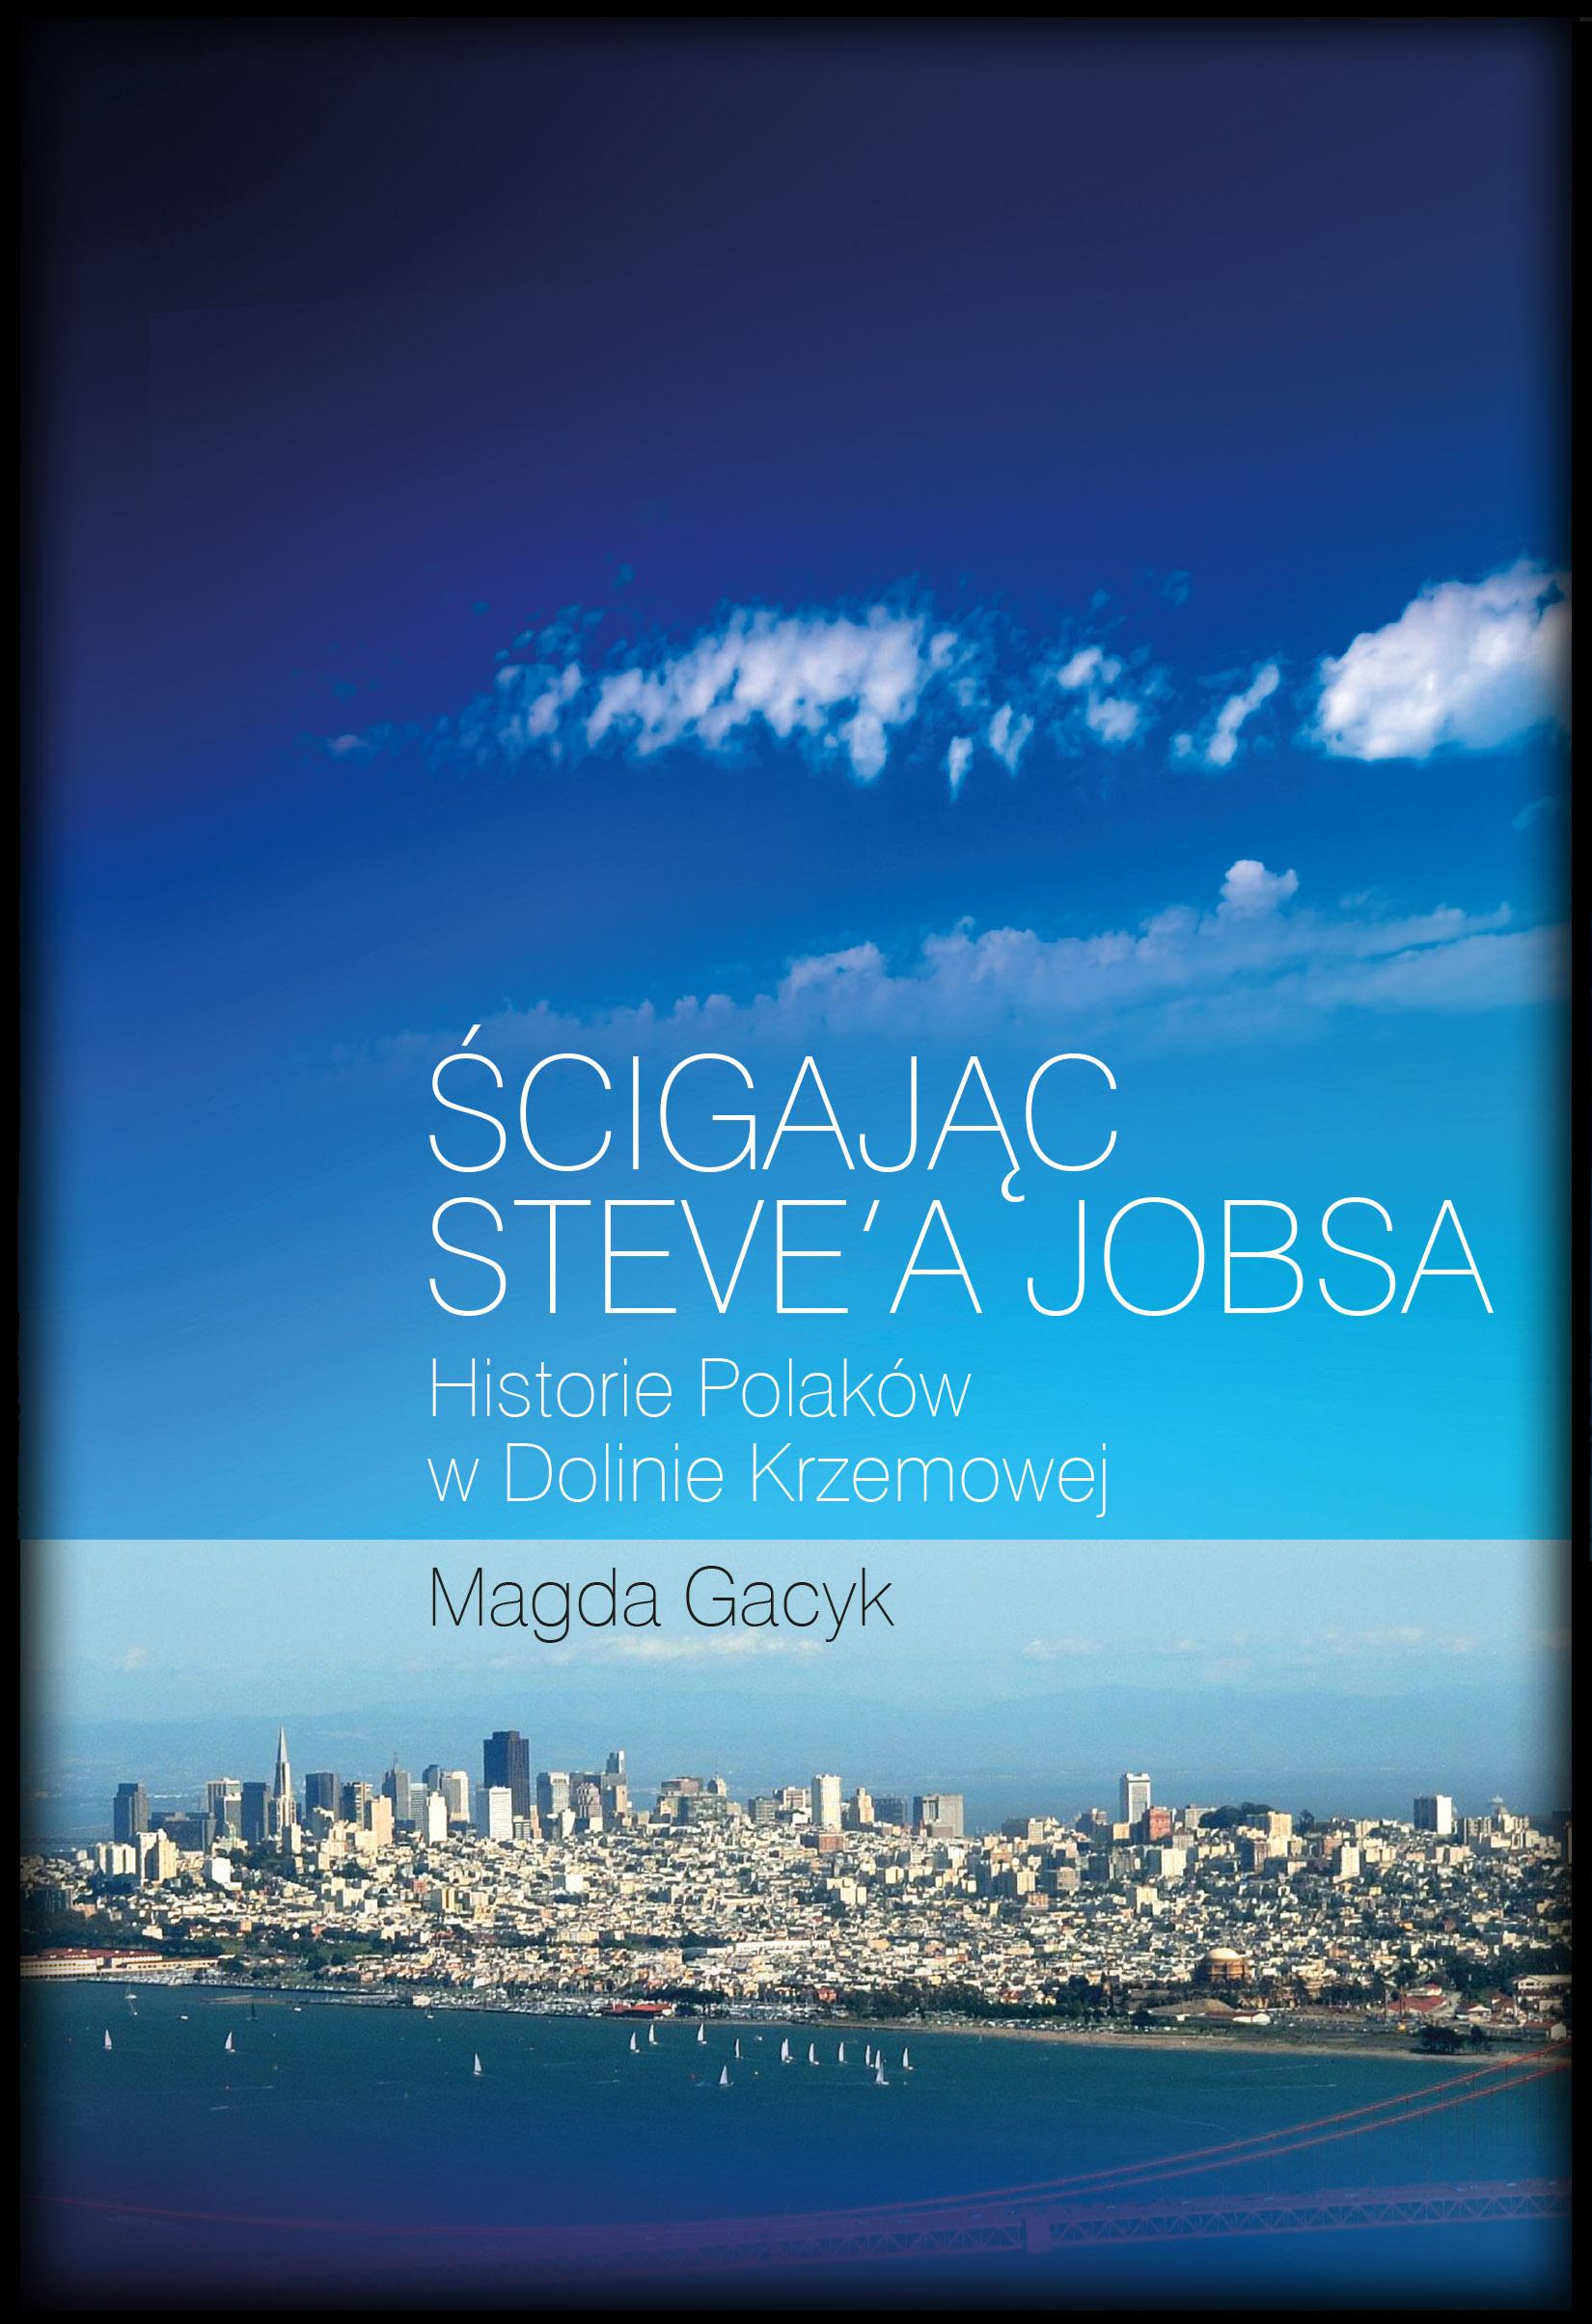 :: Ścigając Steve'a Jobsa. Historie Polaków w Dolinie Krzemowej - e-book ::